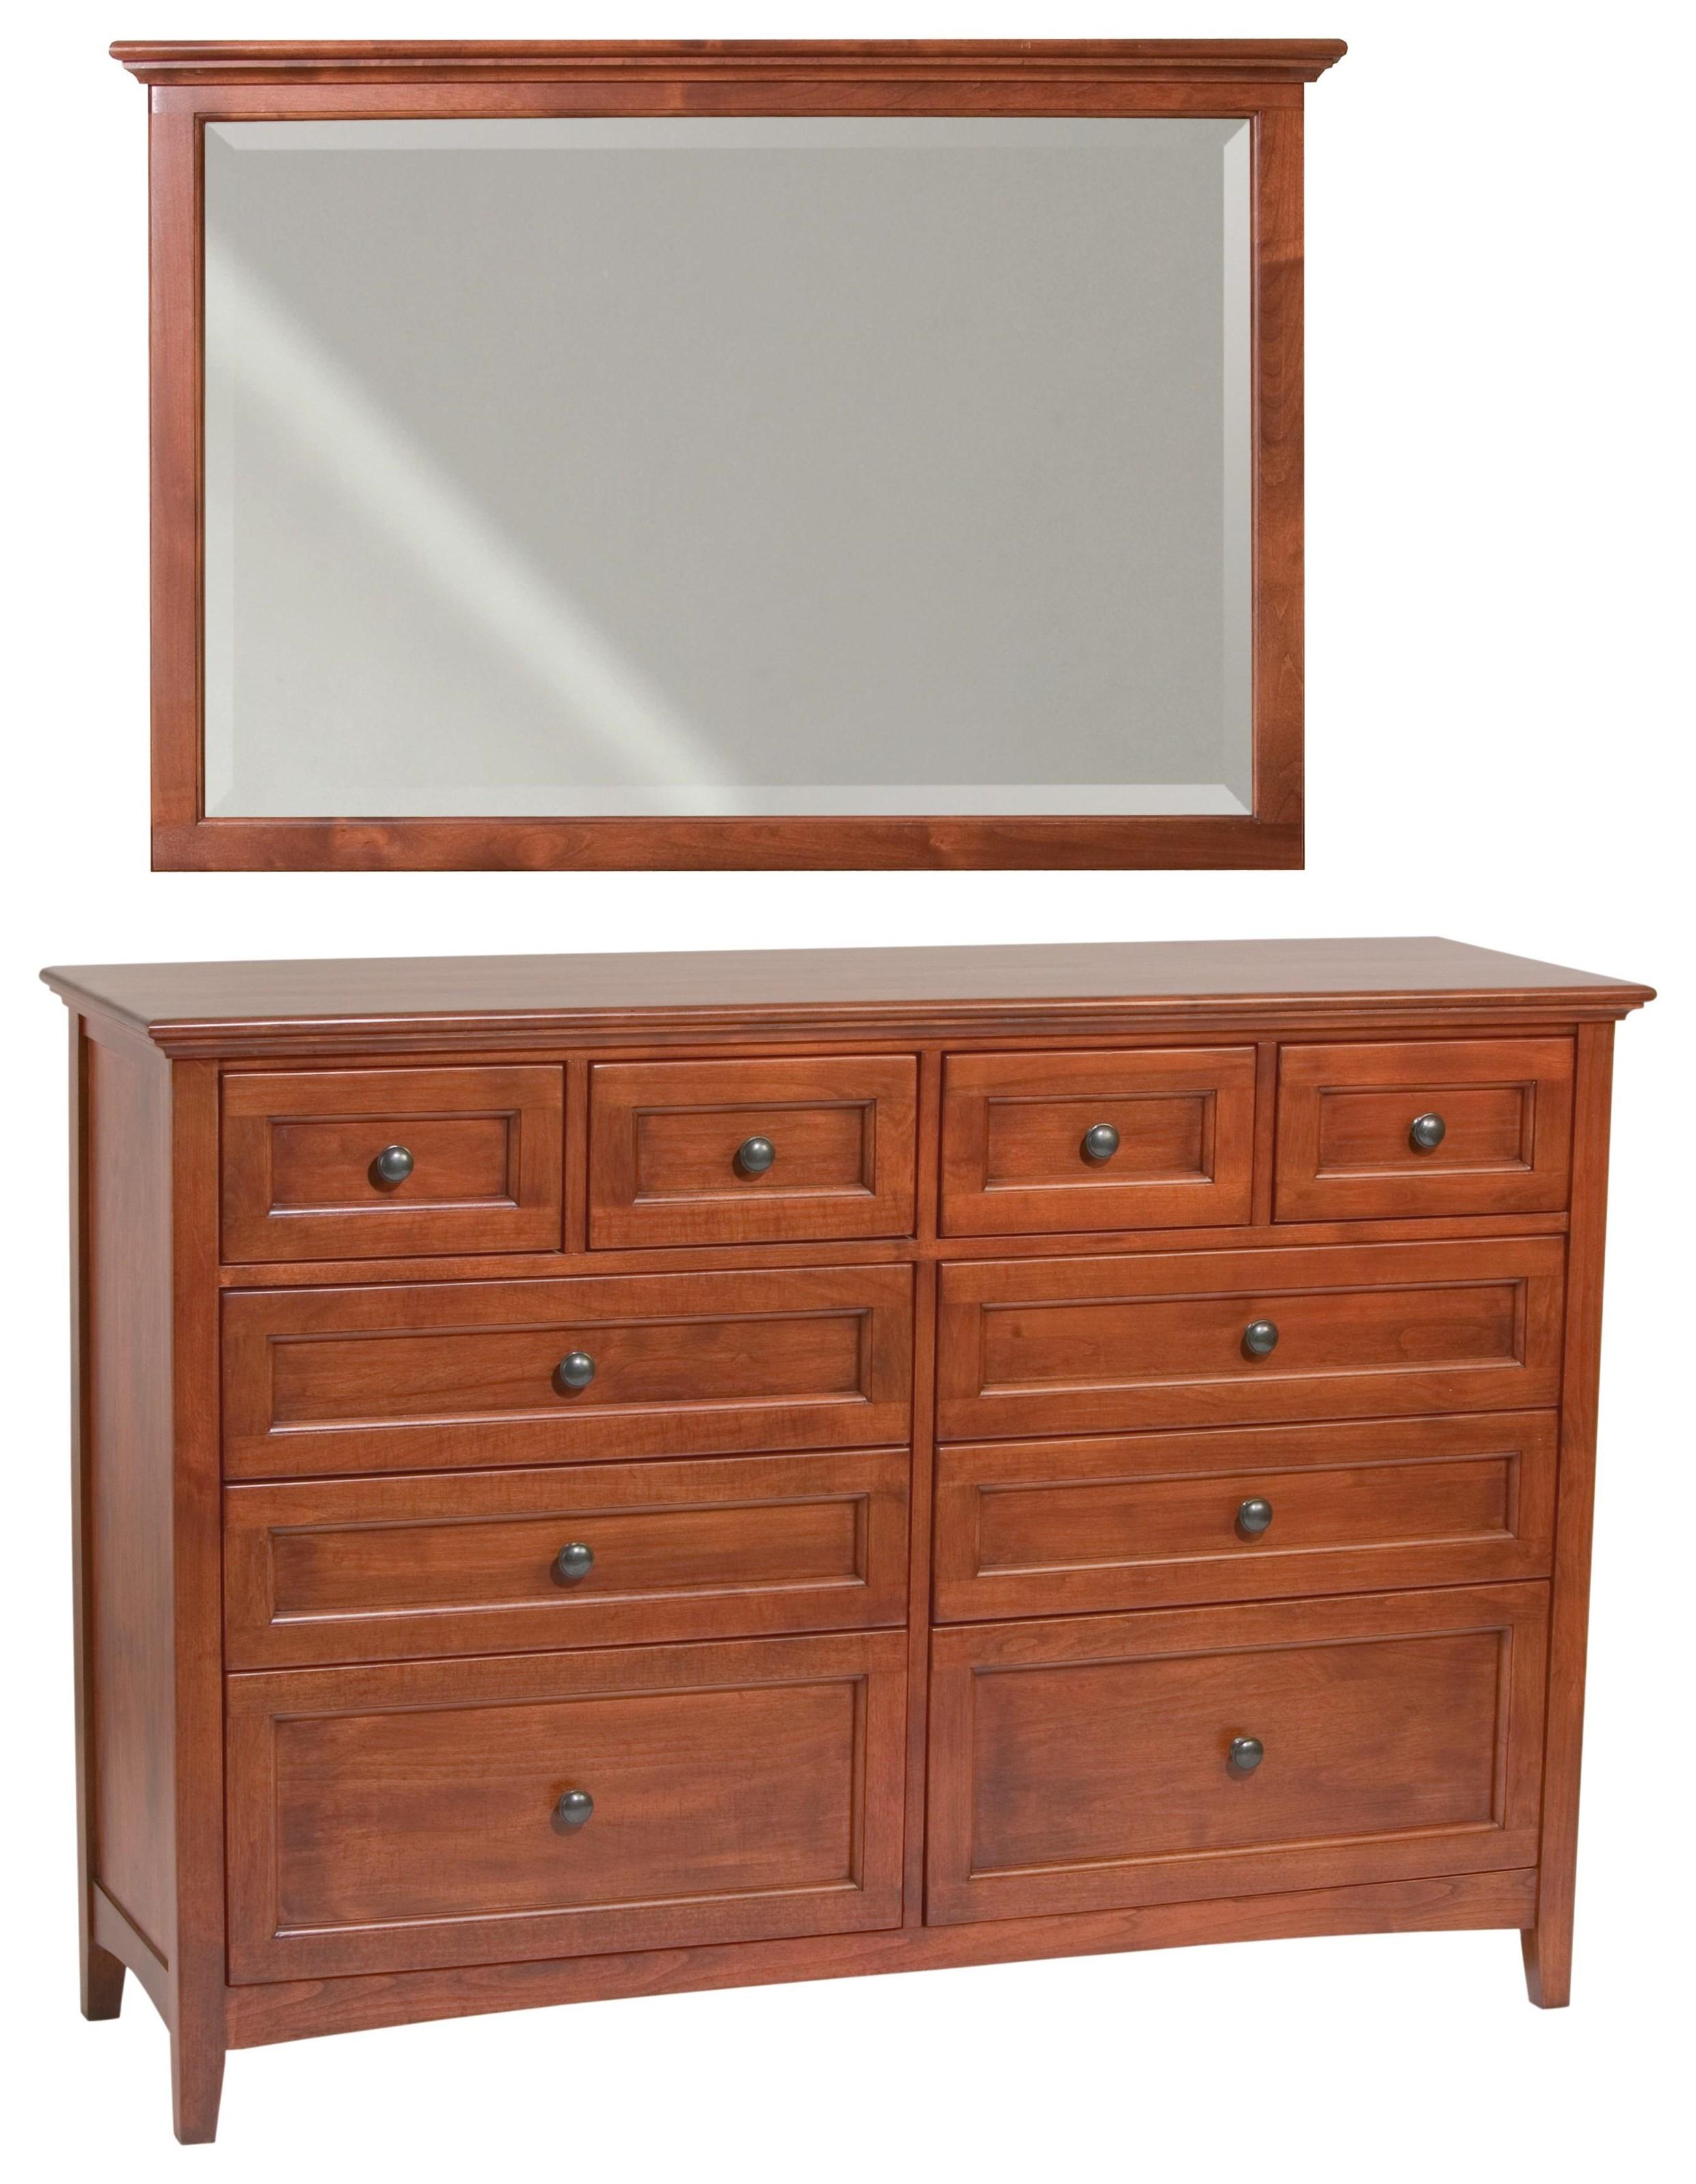 McKenzie Dresser & Mirror by Whittier Wood at Crowley Furniture & Mattress